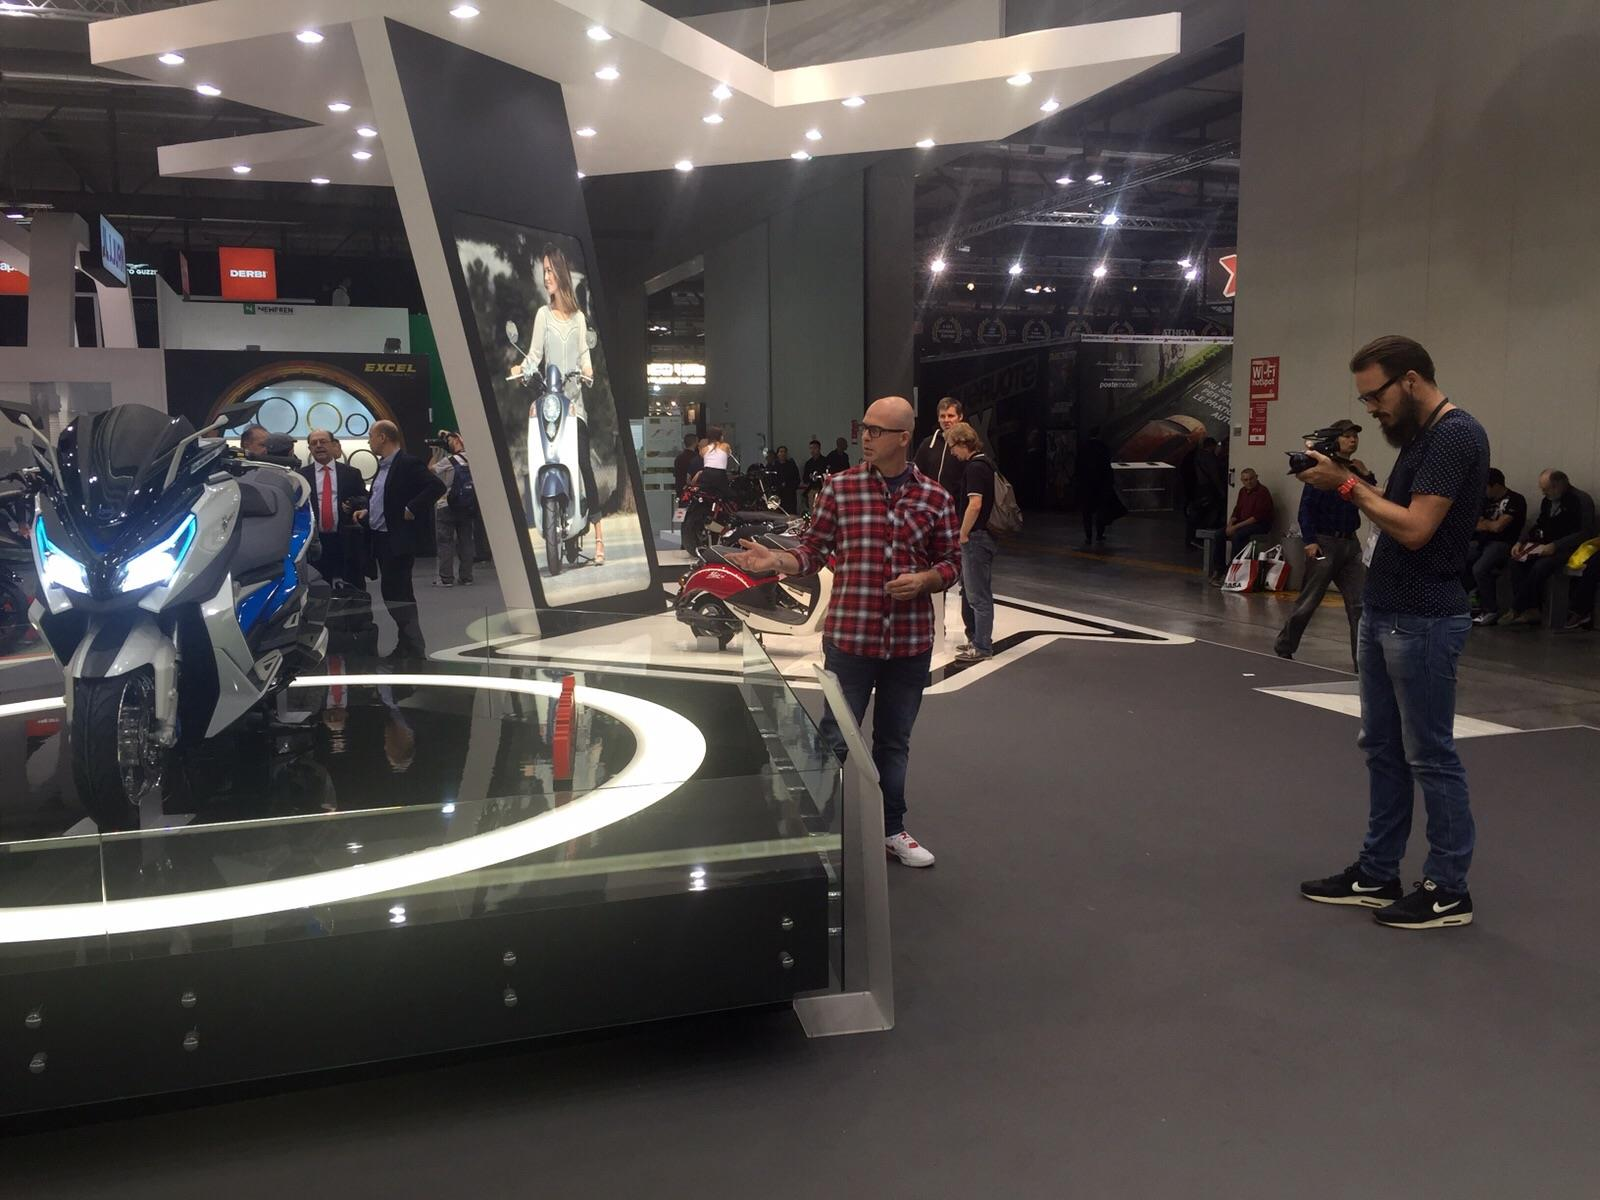 EICMA Milaan 2015, de bewegende beelden